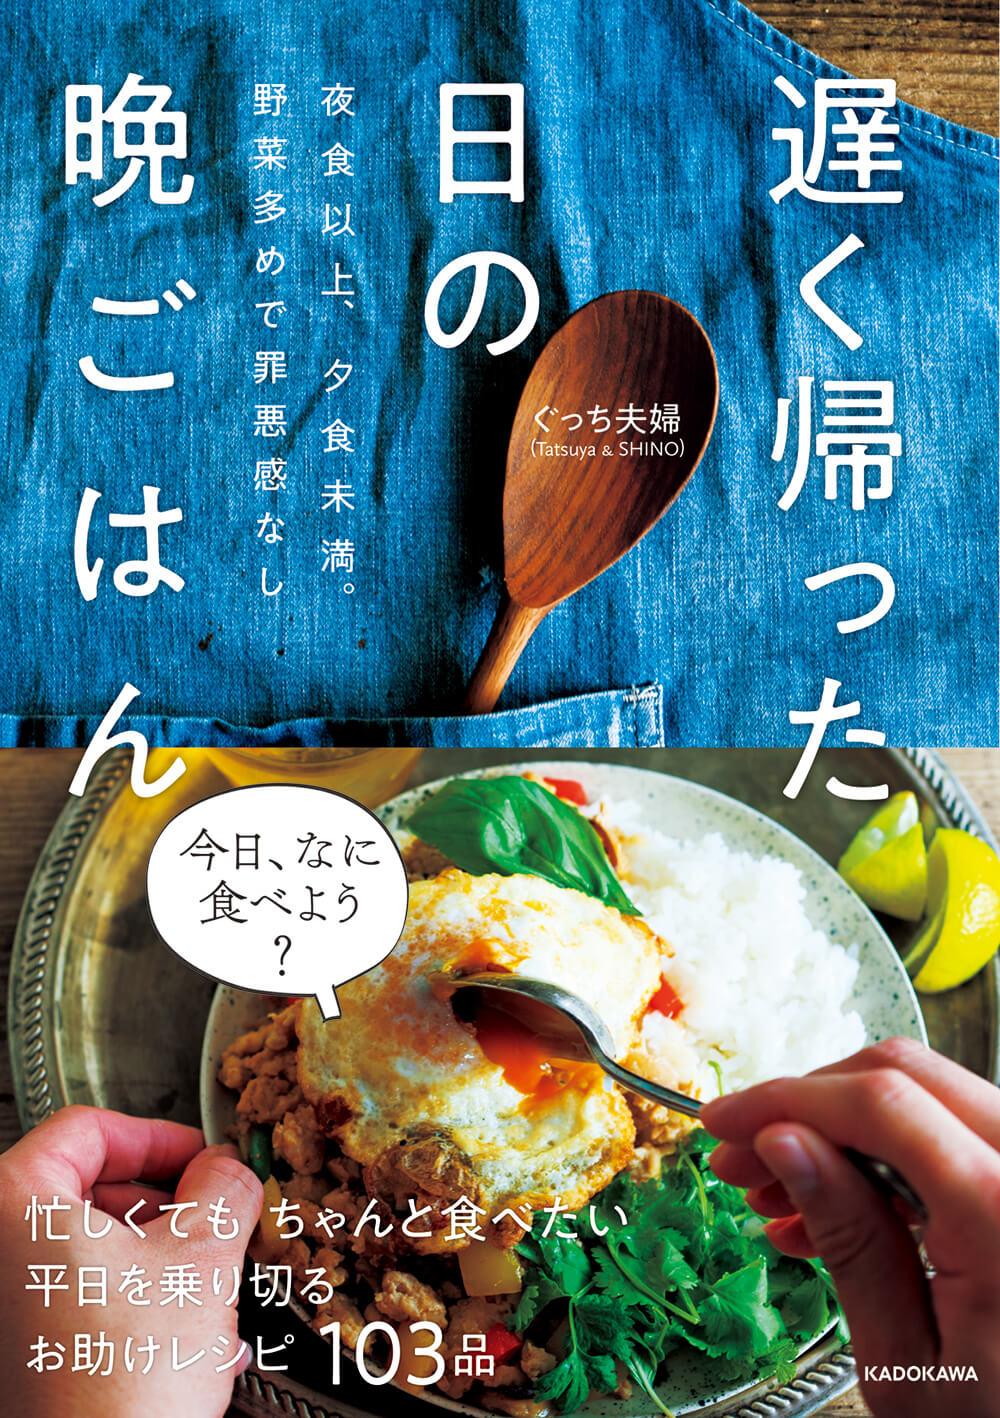 【書籍出版します!】「遅く帰った日の晩ごはん -夜食以上、夕食未満。野菜多めで罪悪感なし-」